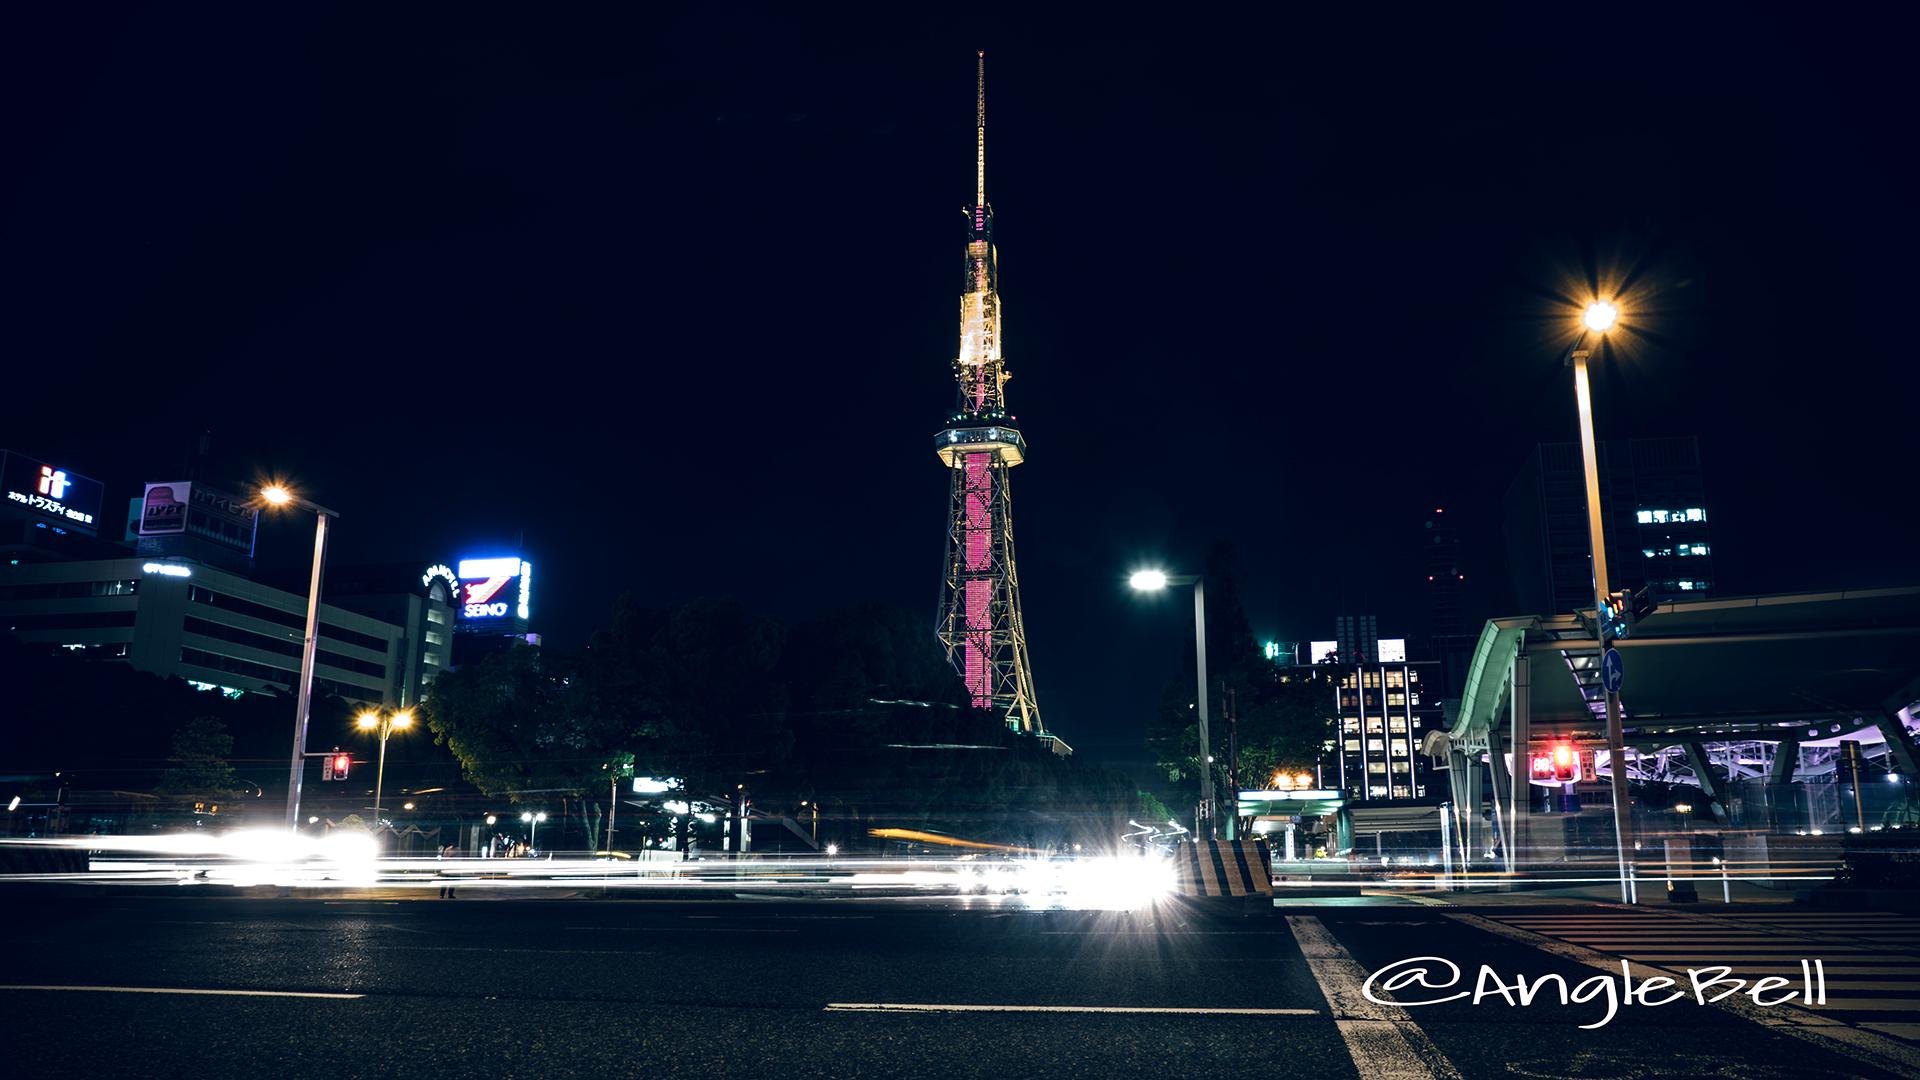 錦通から見る名古屋テレビ塔 世界赤十字デー